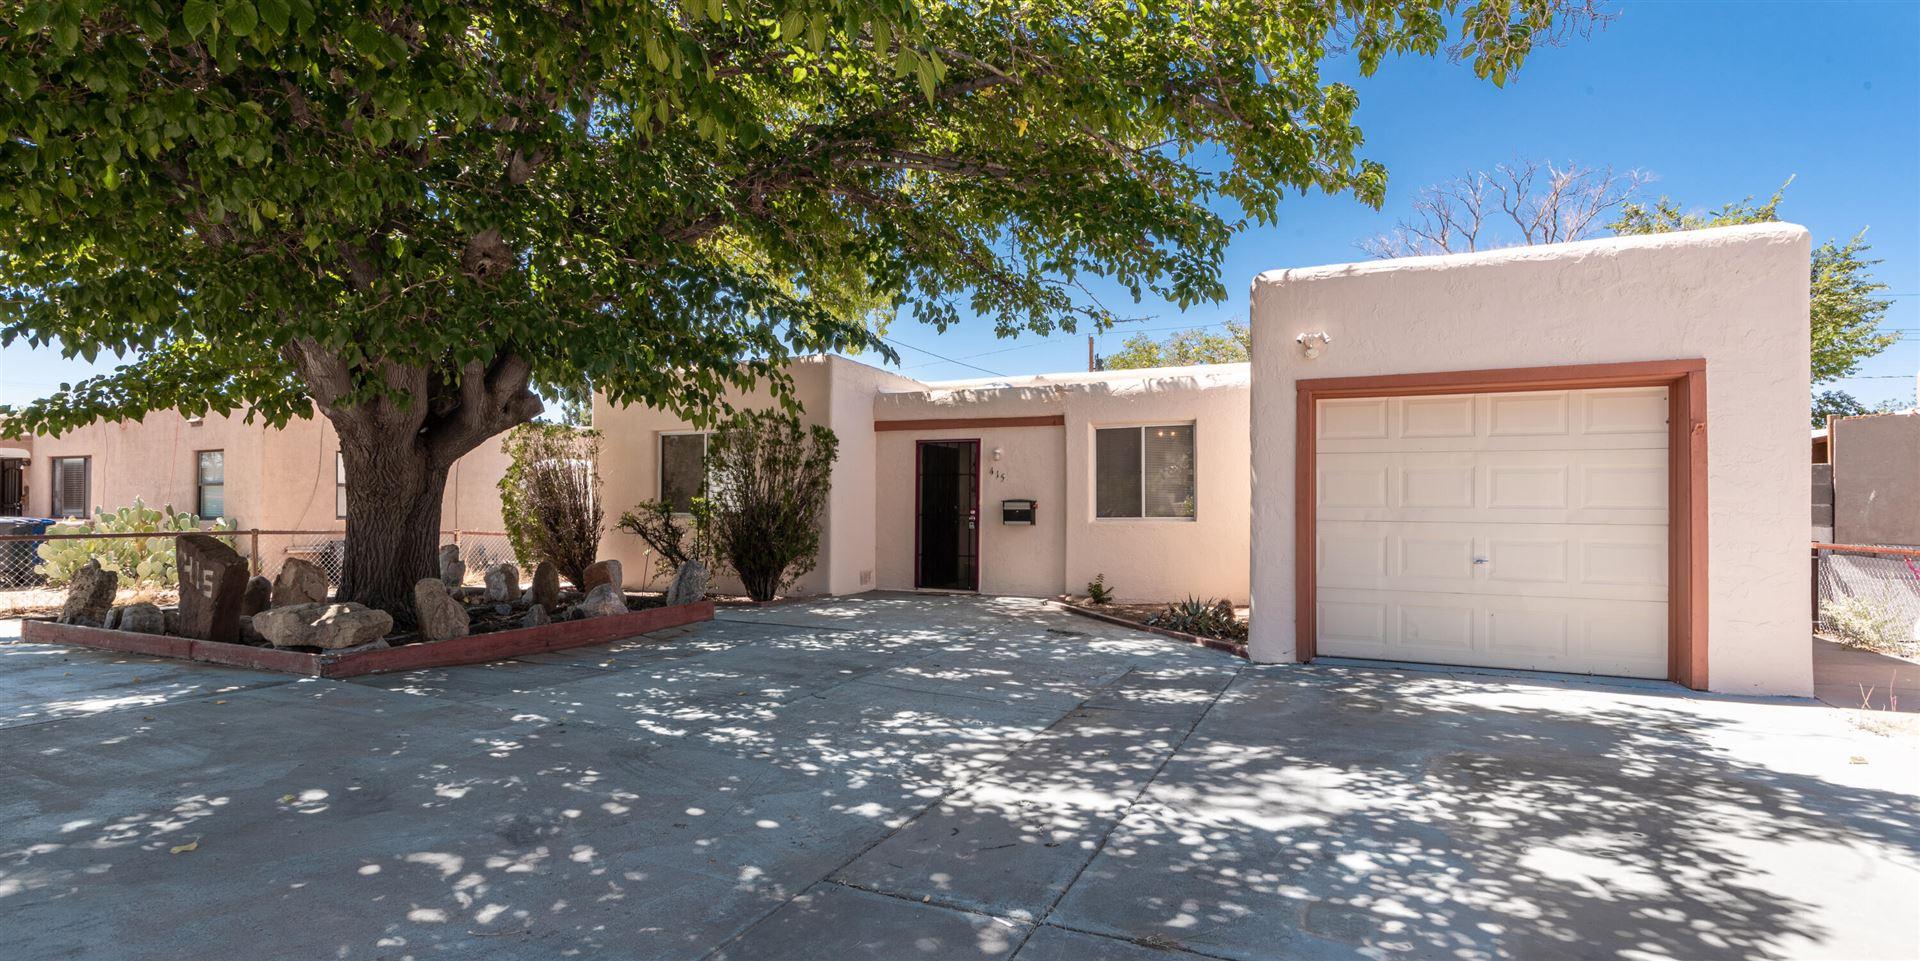 415 SAN PABLO Street NE, Albuquerque, NM 87108 - #: 999885